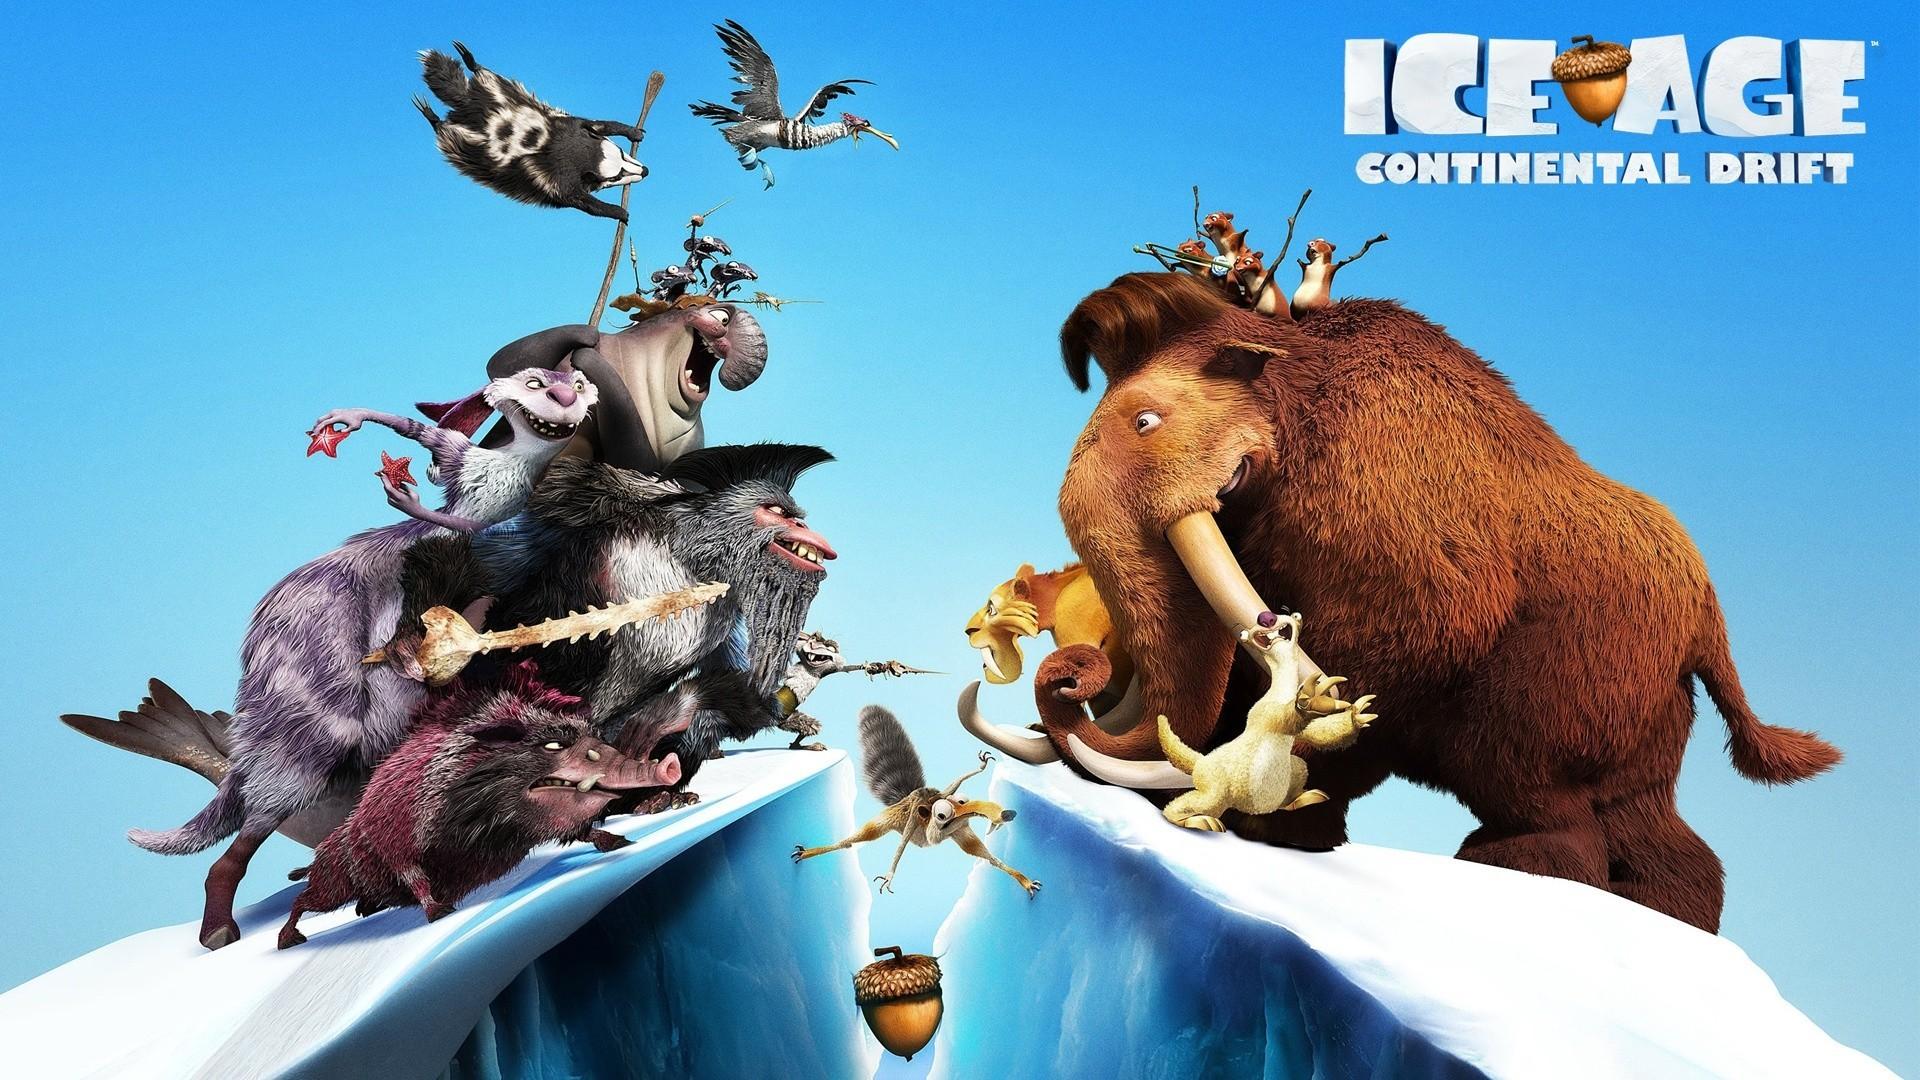 Masaüstü Geyik Filmler Vahşi Hayat Ren Geyiği Buz Devri Buz